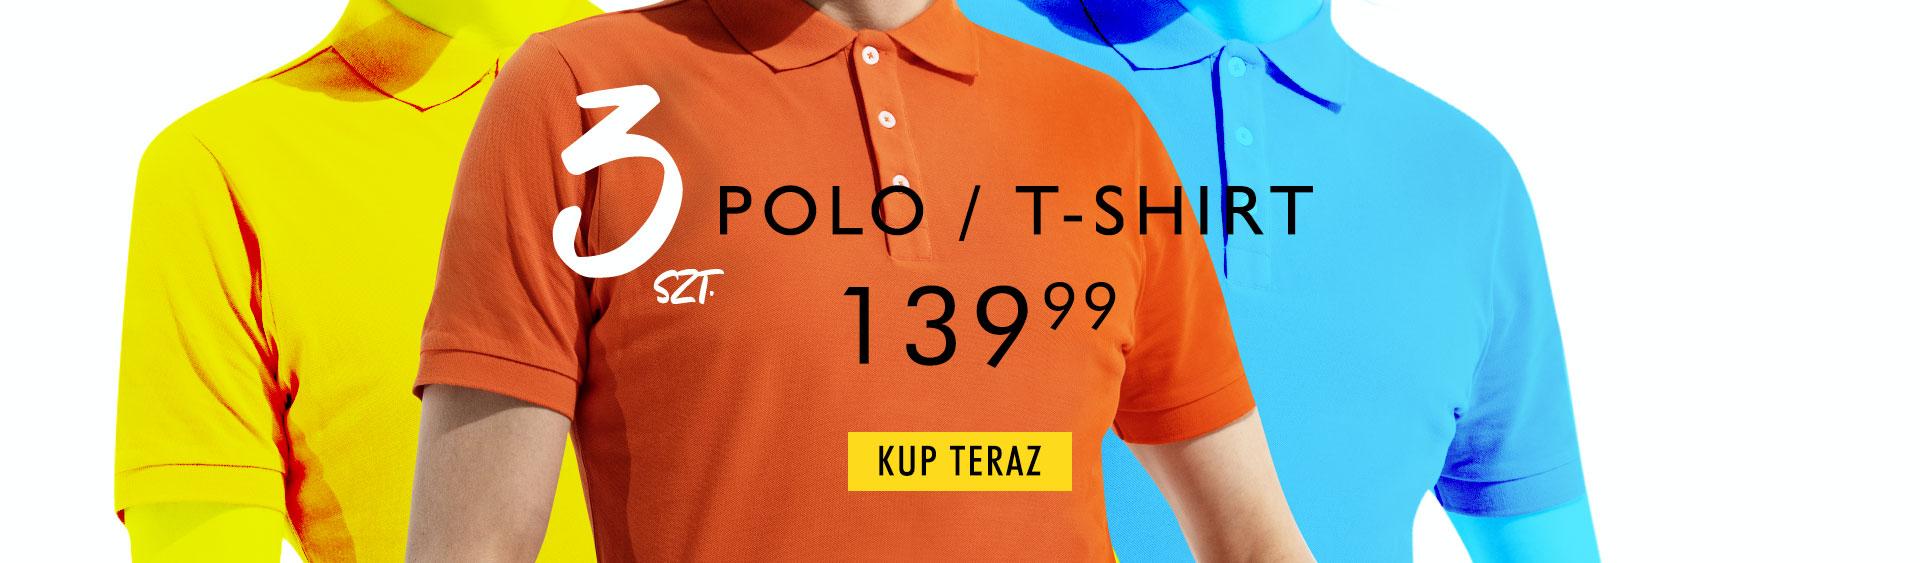 Kubenz: trzy koszulki polo za 139,99 zł